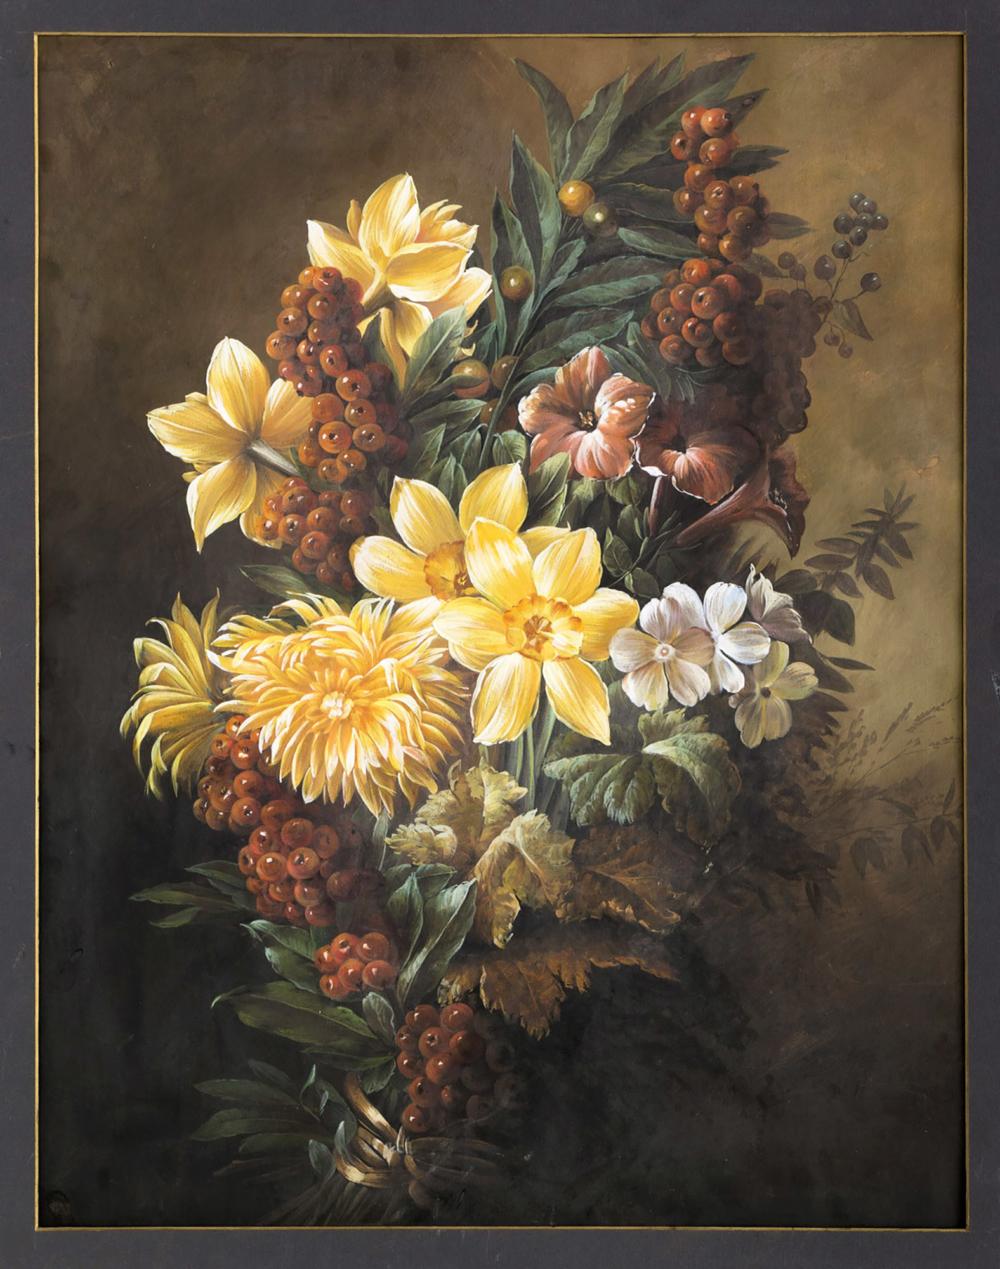 Гуашь «Цветочный натюрморт в стиле бидермейер»